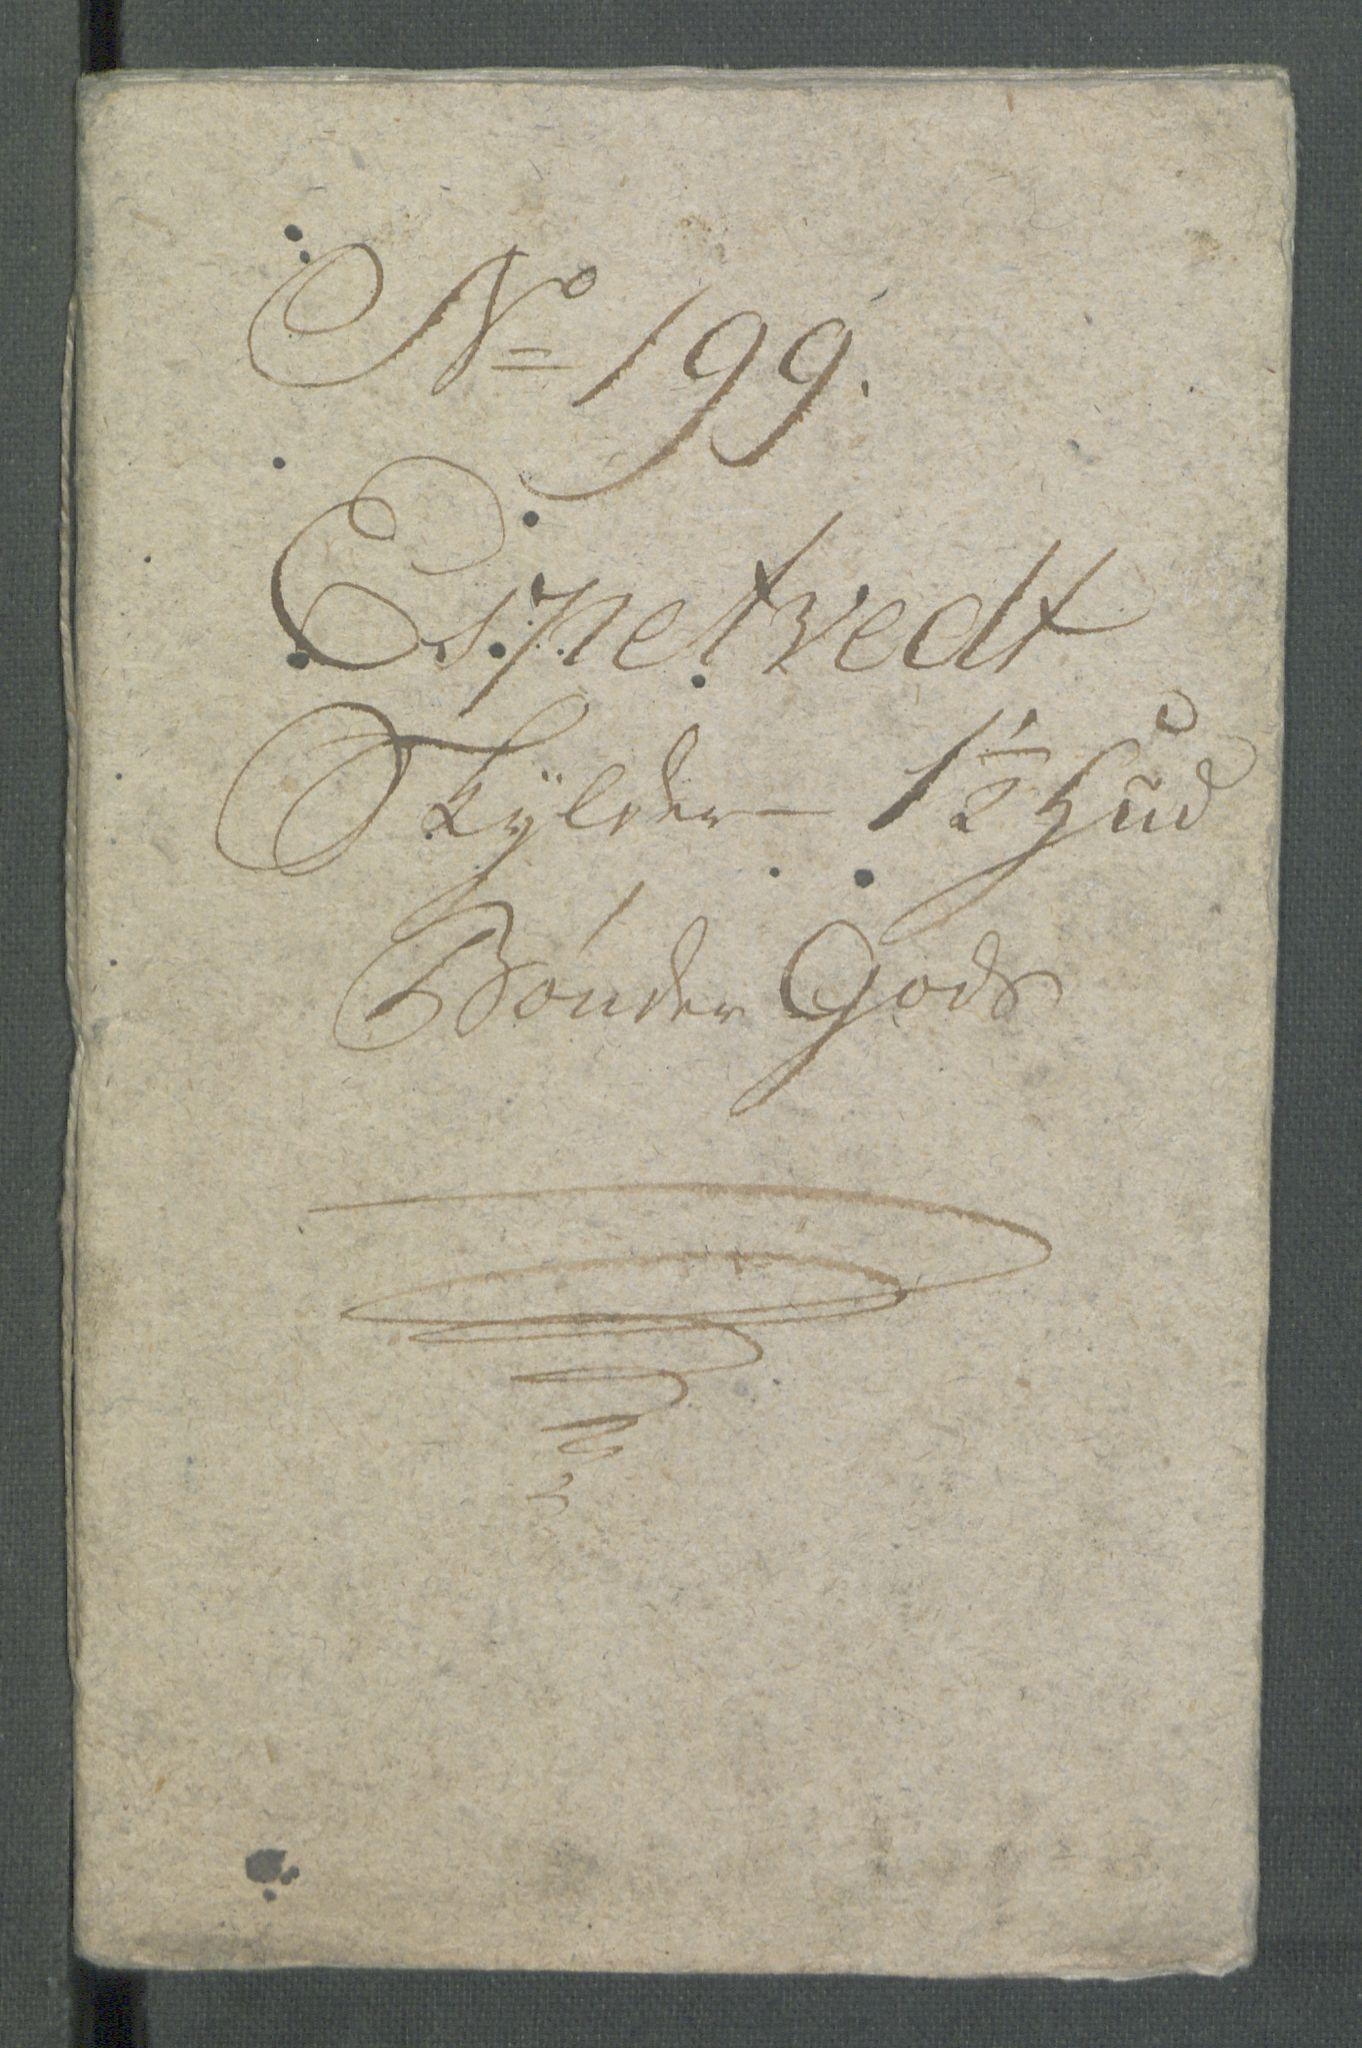 RA, Rentekammeret inntil 1814, Realistisk ordnet avdeling, Od/L0001: Oppløp, 1786-1769, s. 601